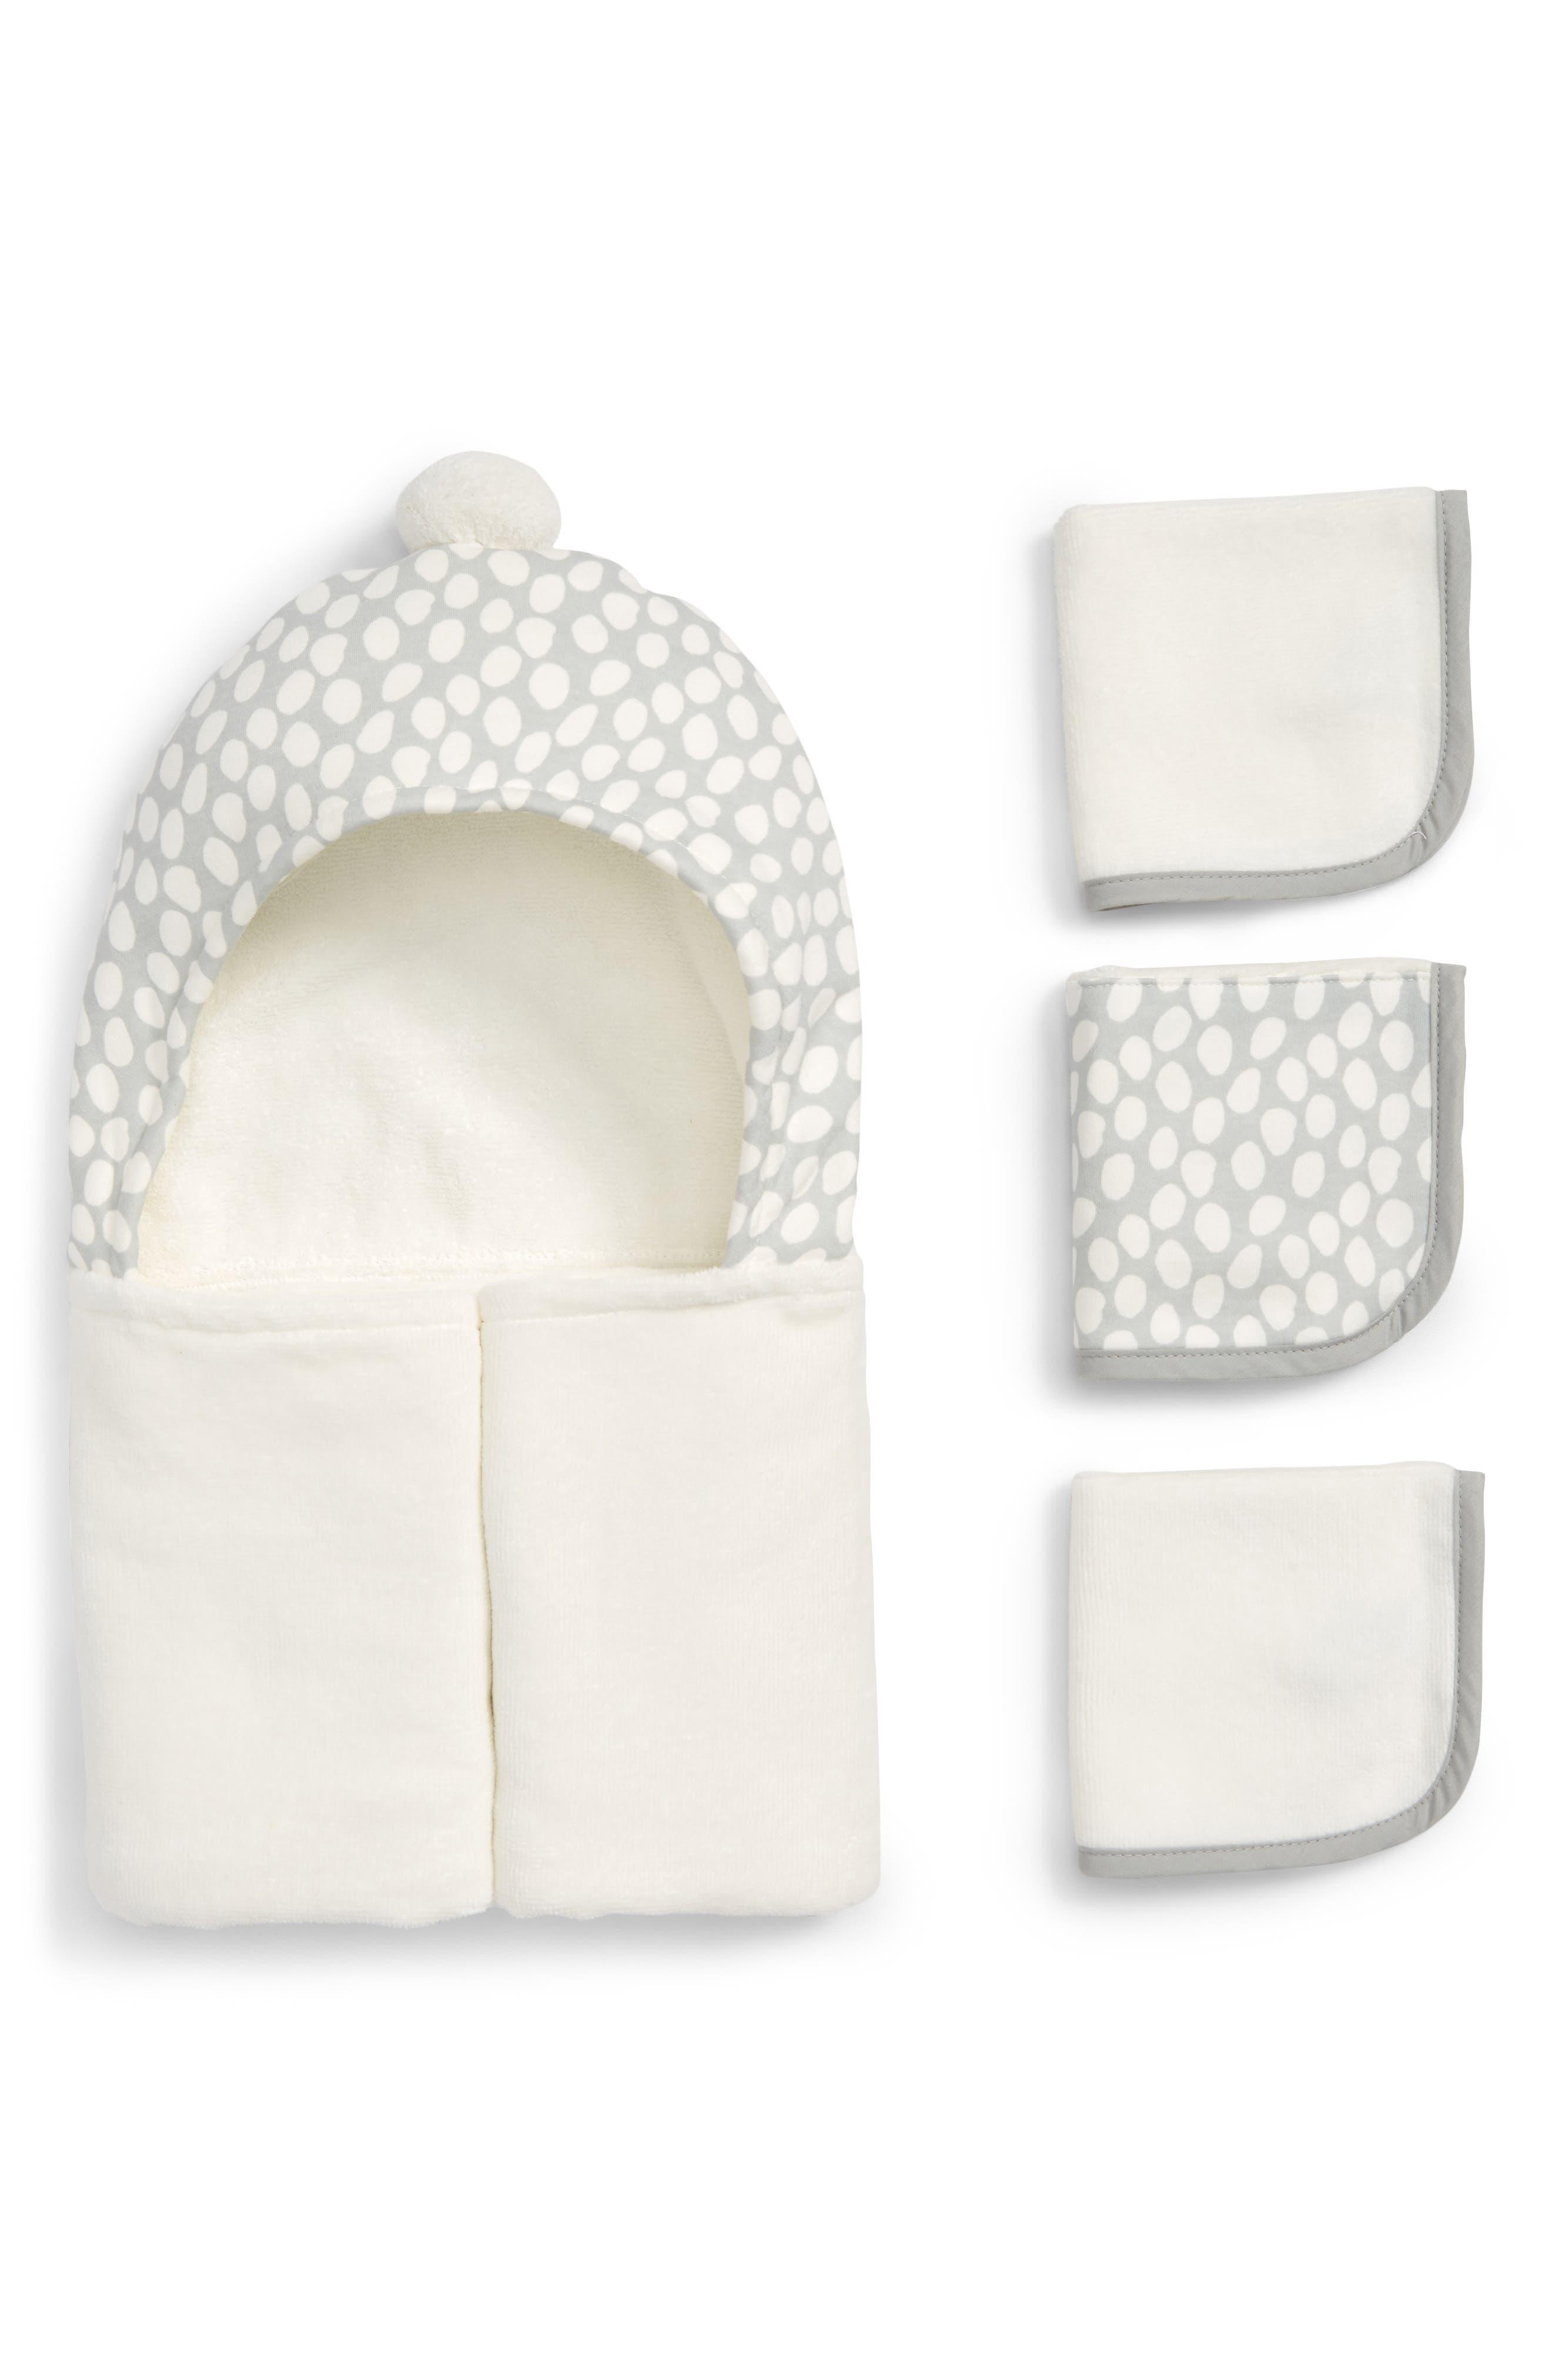 Grey Dots Hooded Towel & Washcloths Set,                             Main thumbnail 1, color,                             WHITE/ GREY